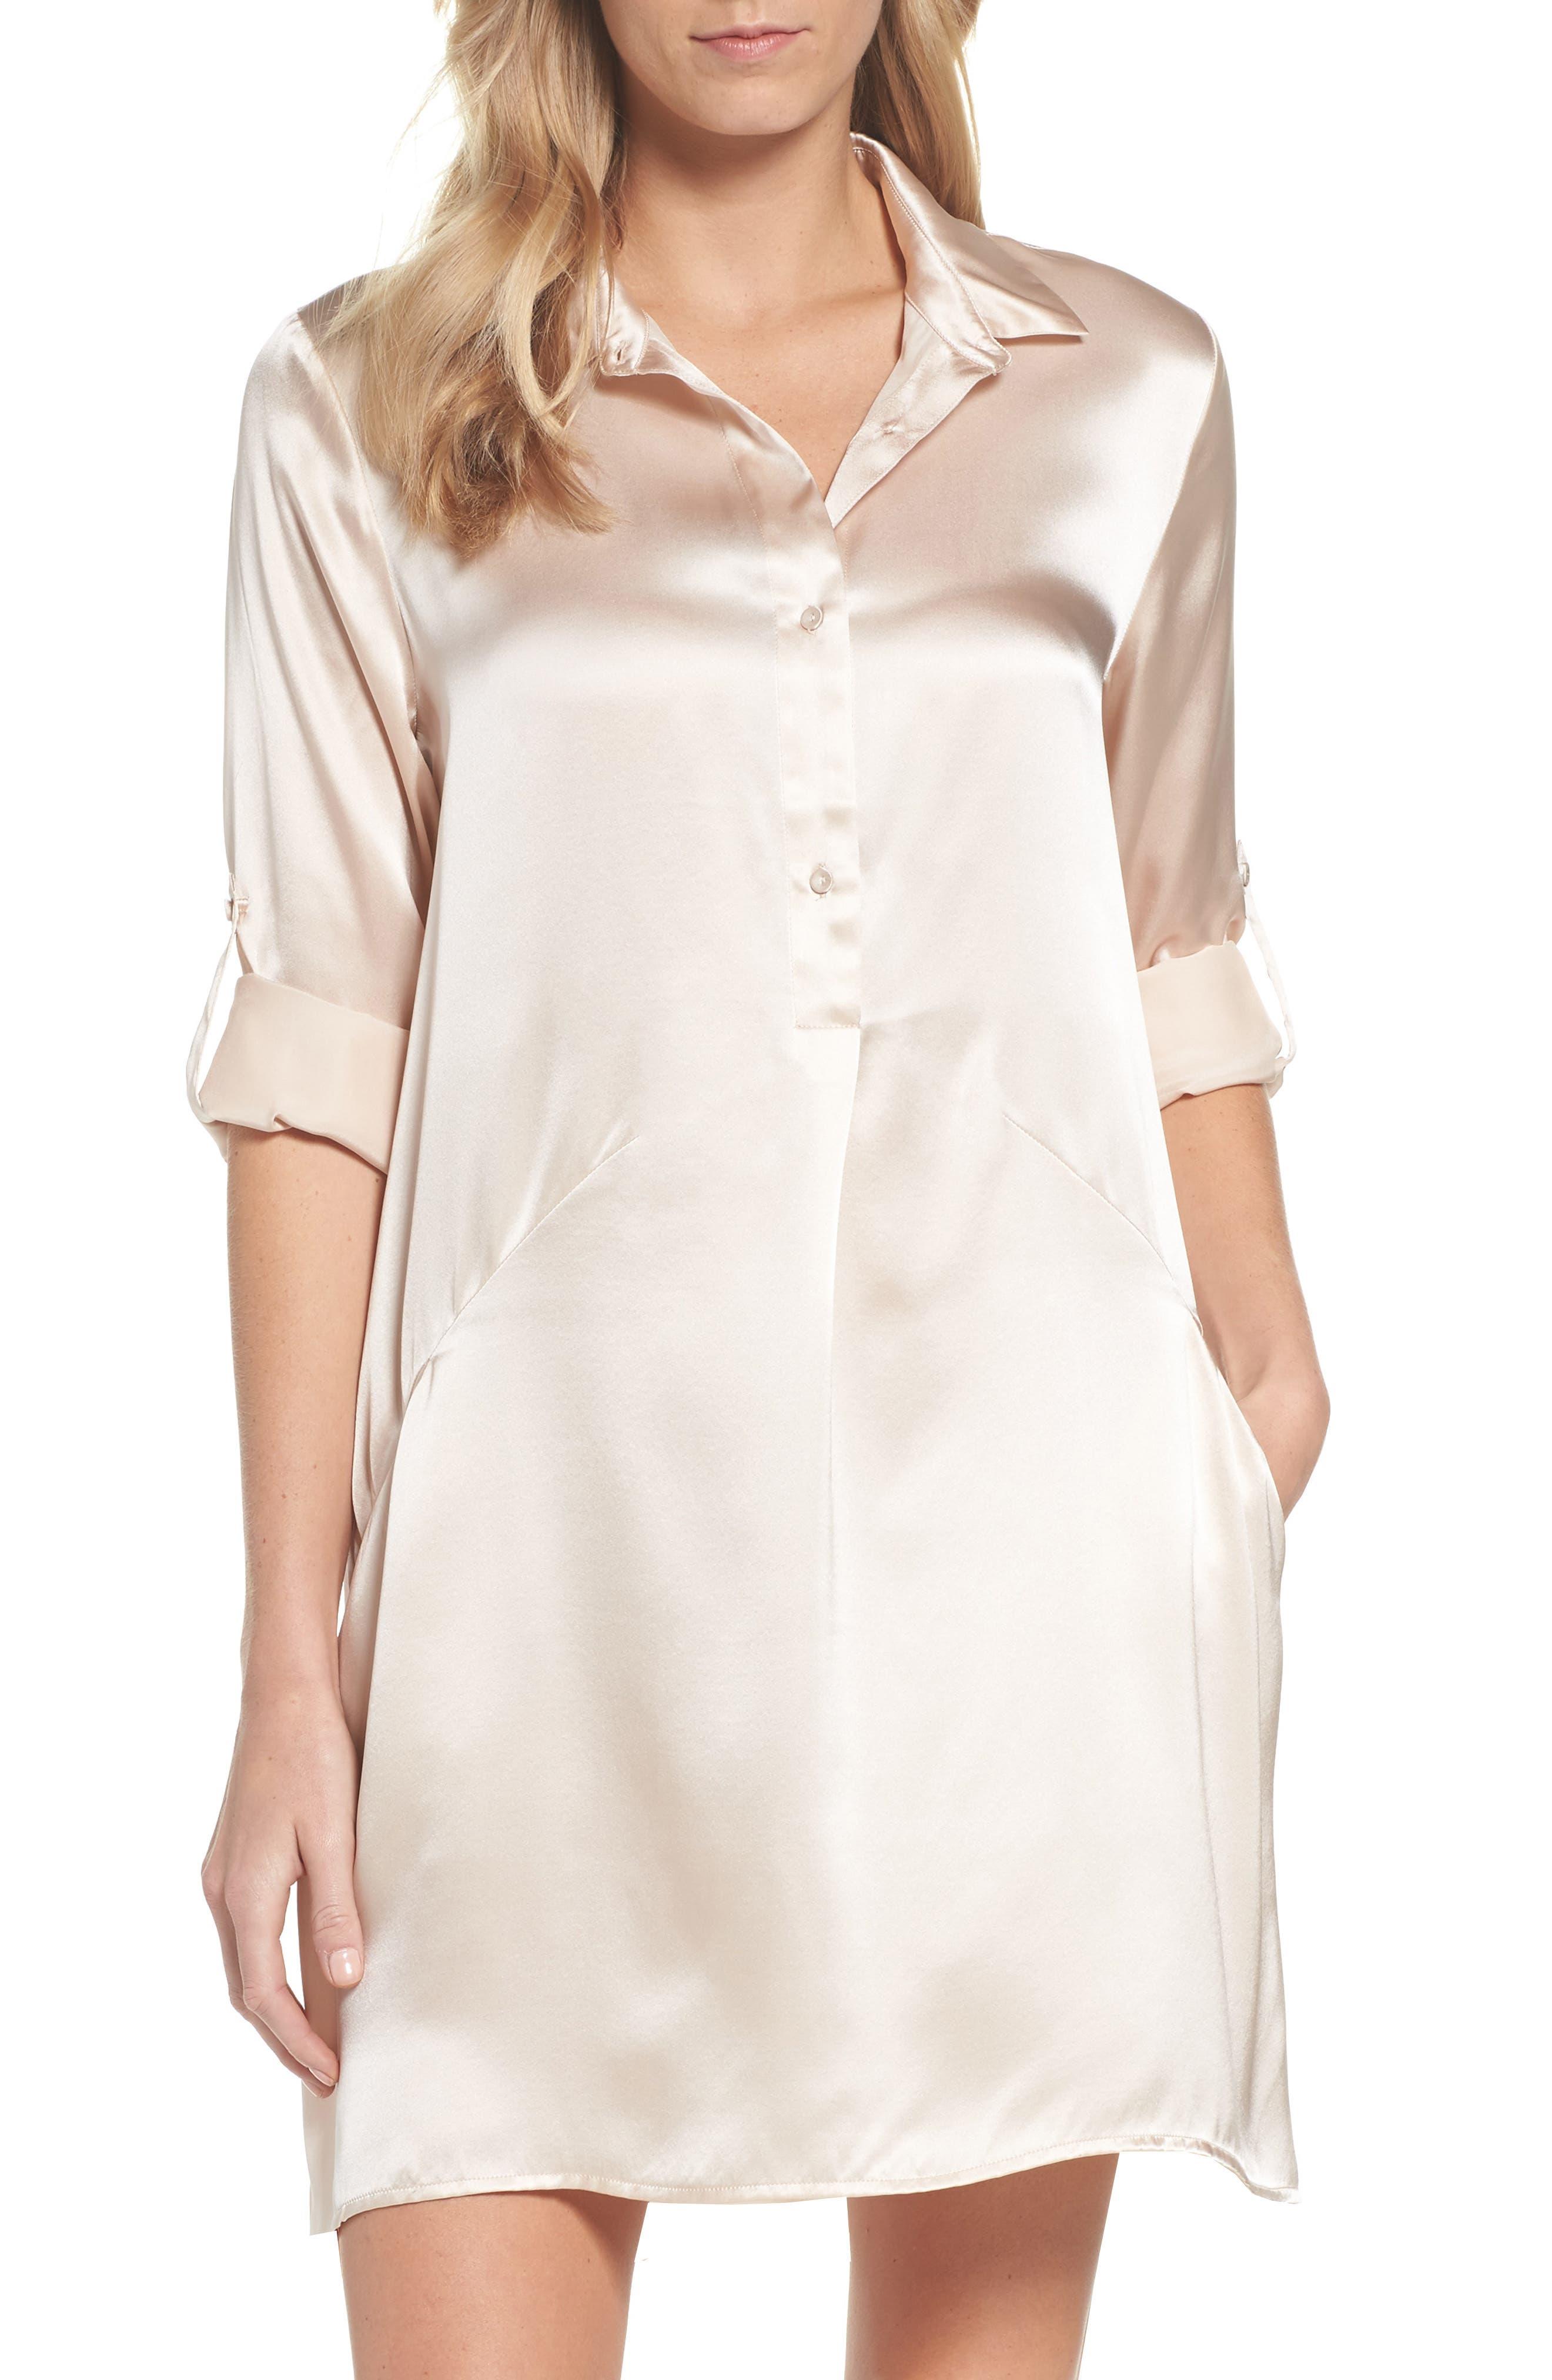 Silk Sleep Shirt,                         Main,                         color, 900